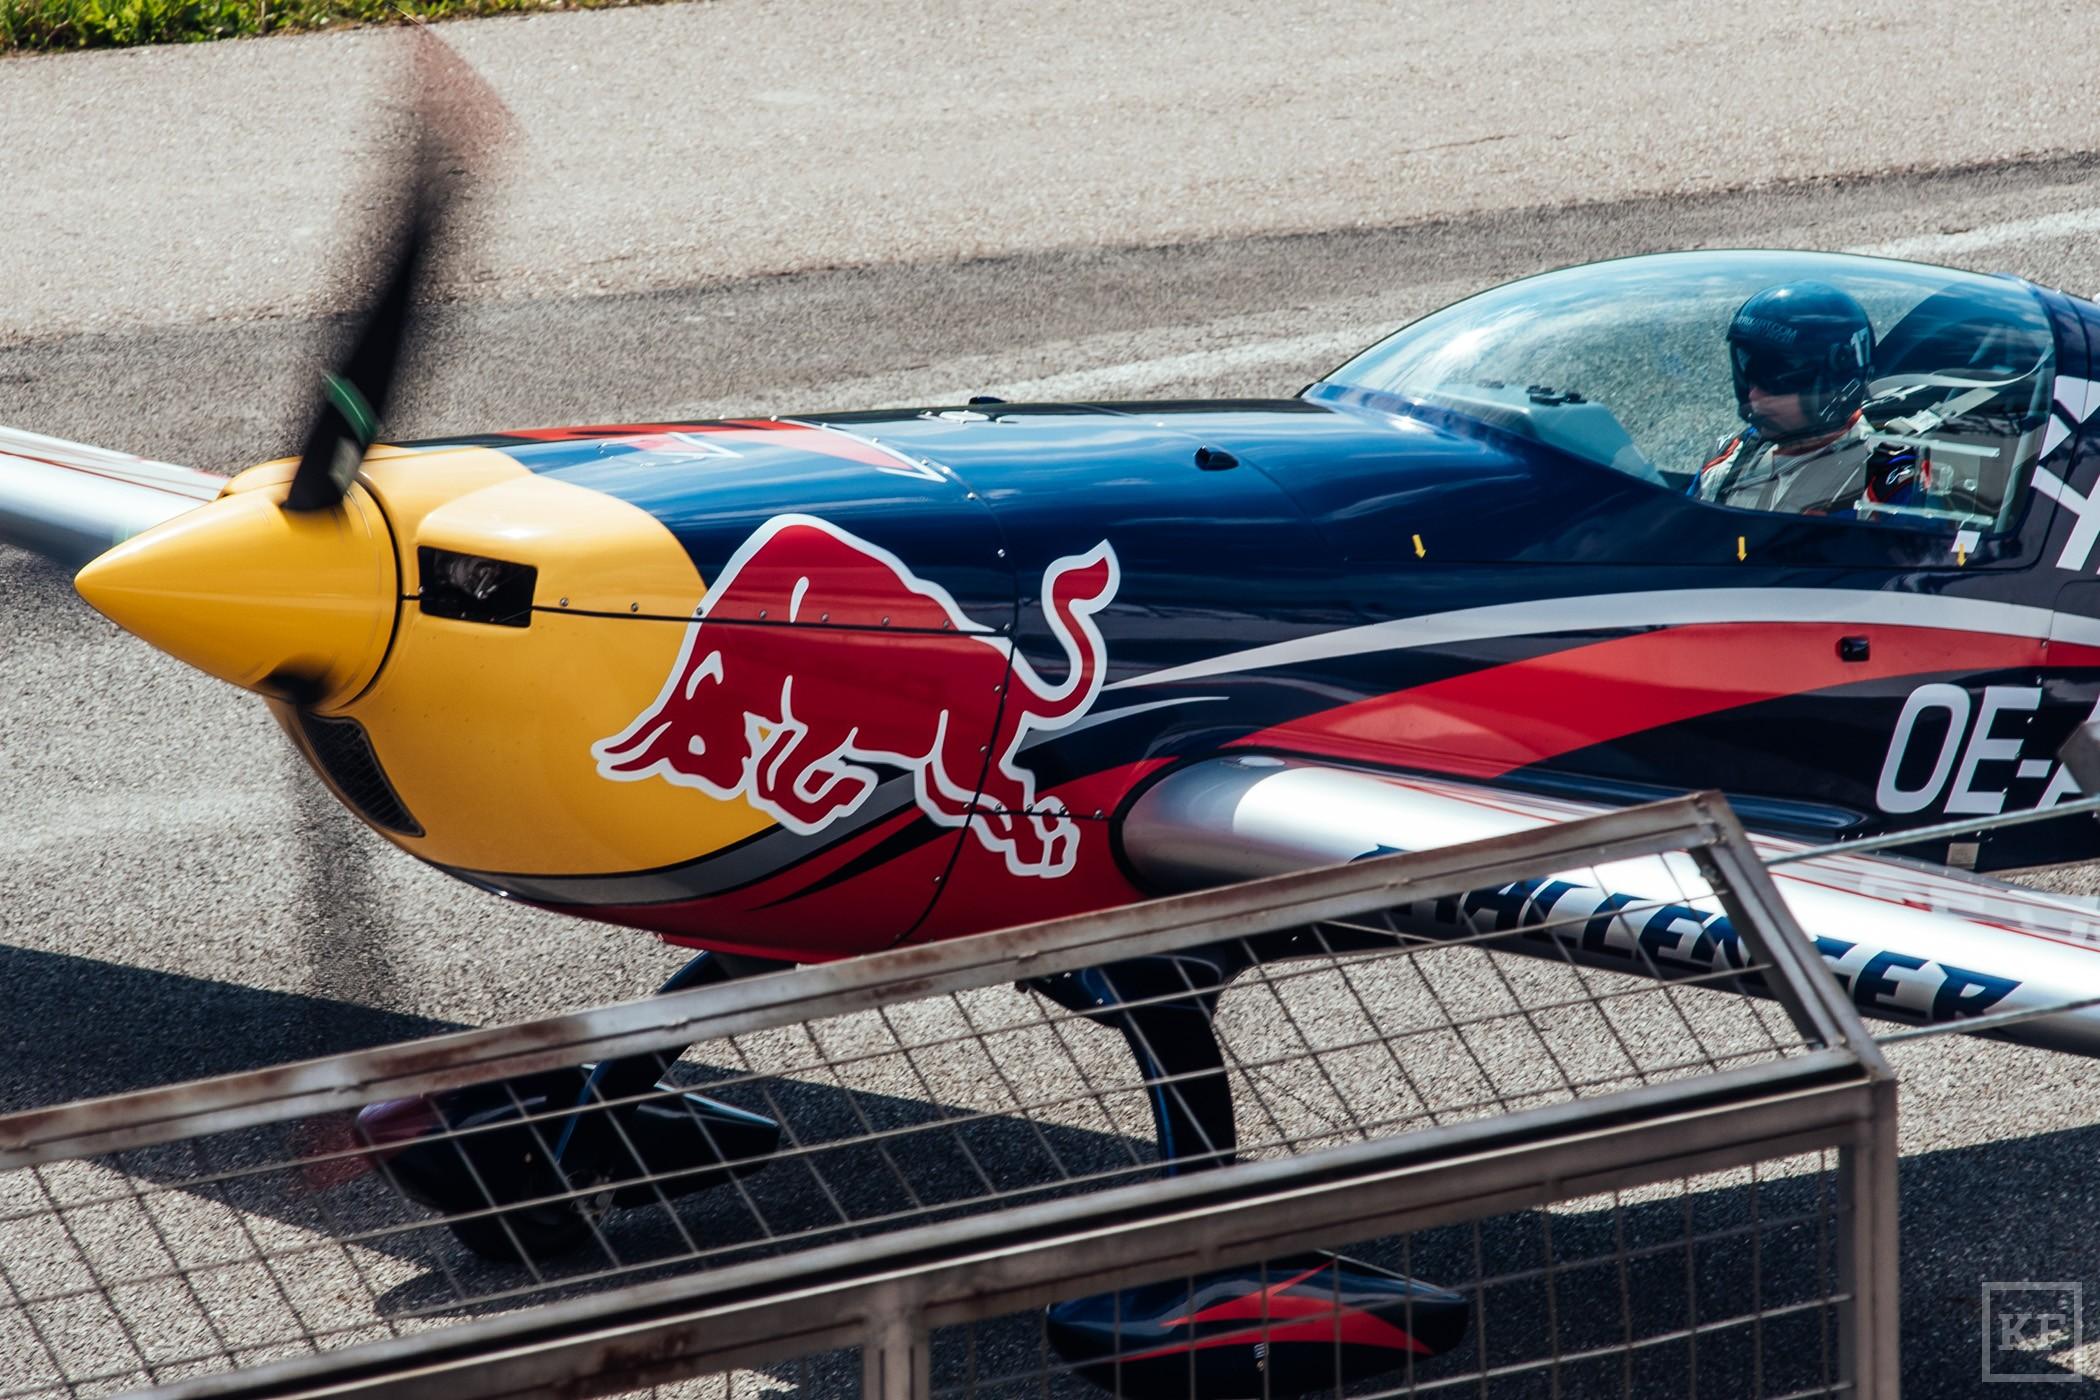 регенерация гонки на самолетах картинки это